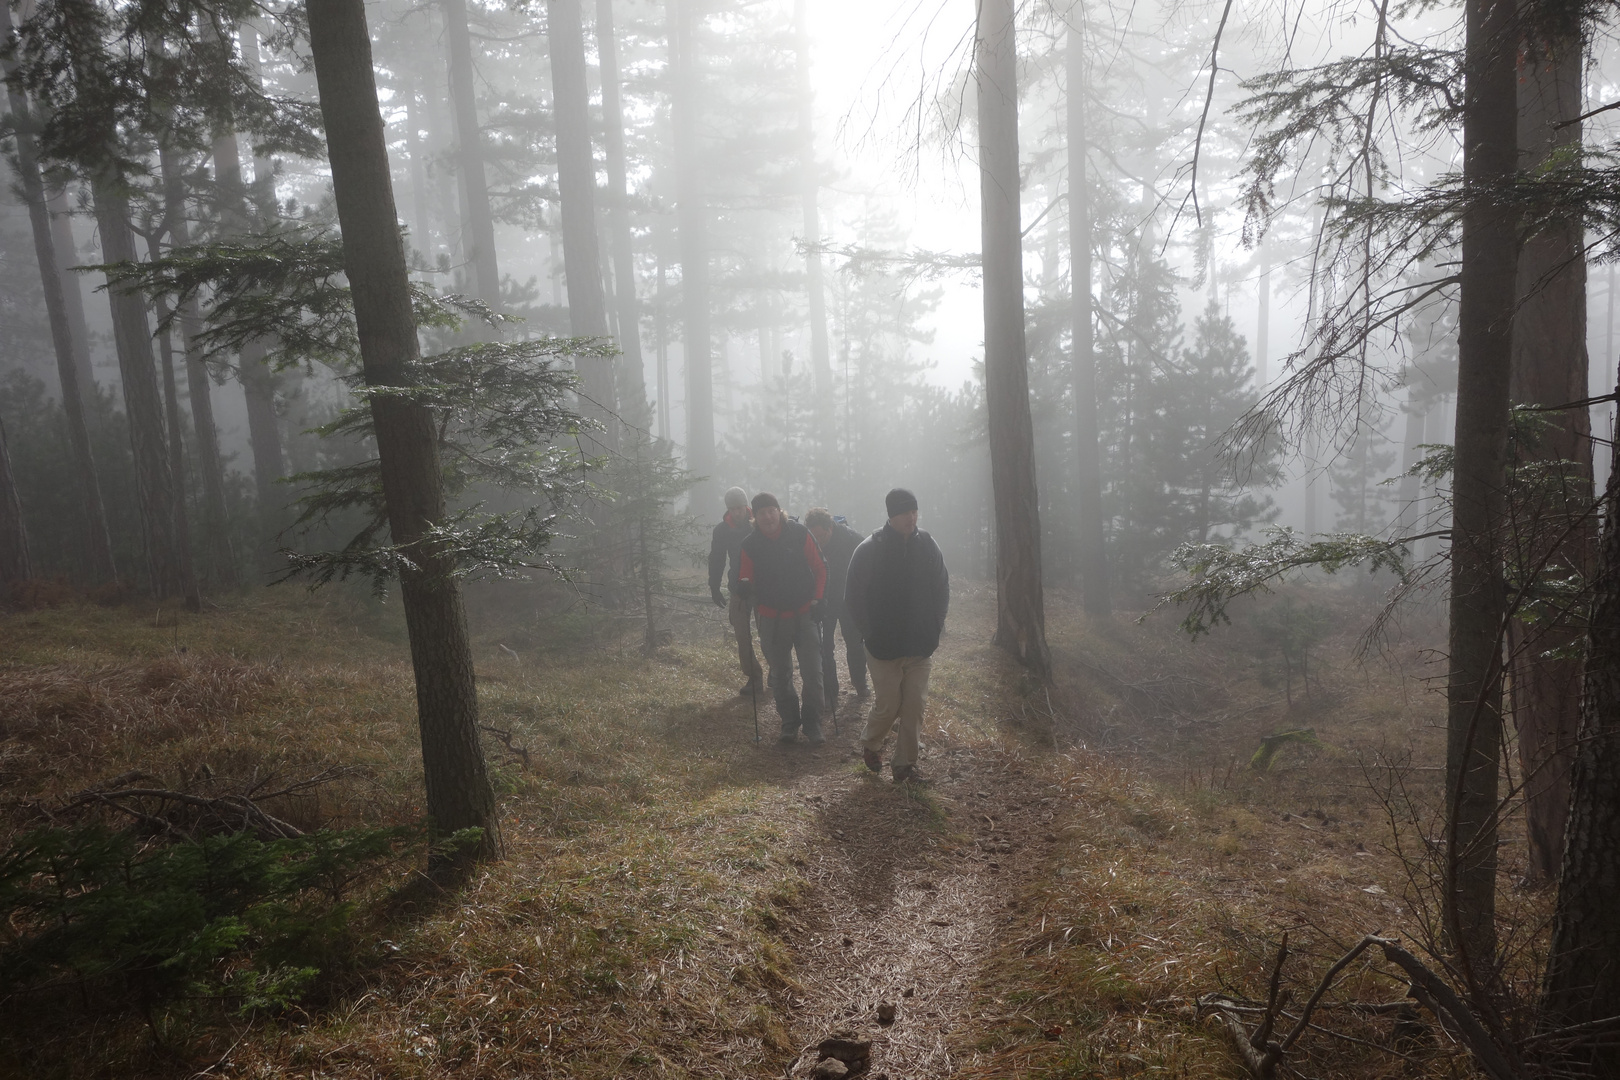 Waldschrate